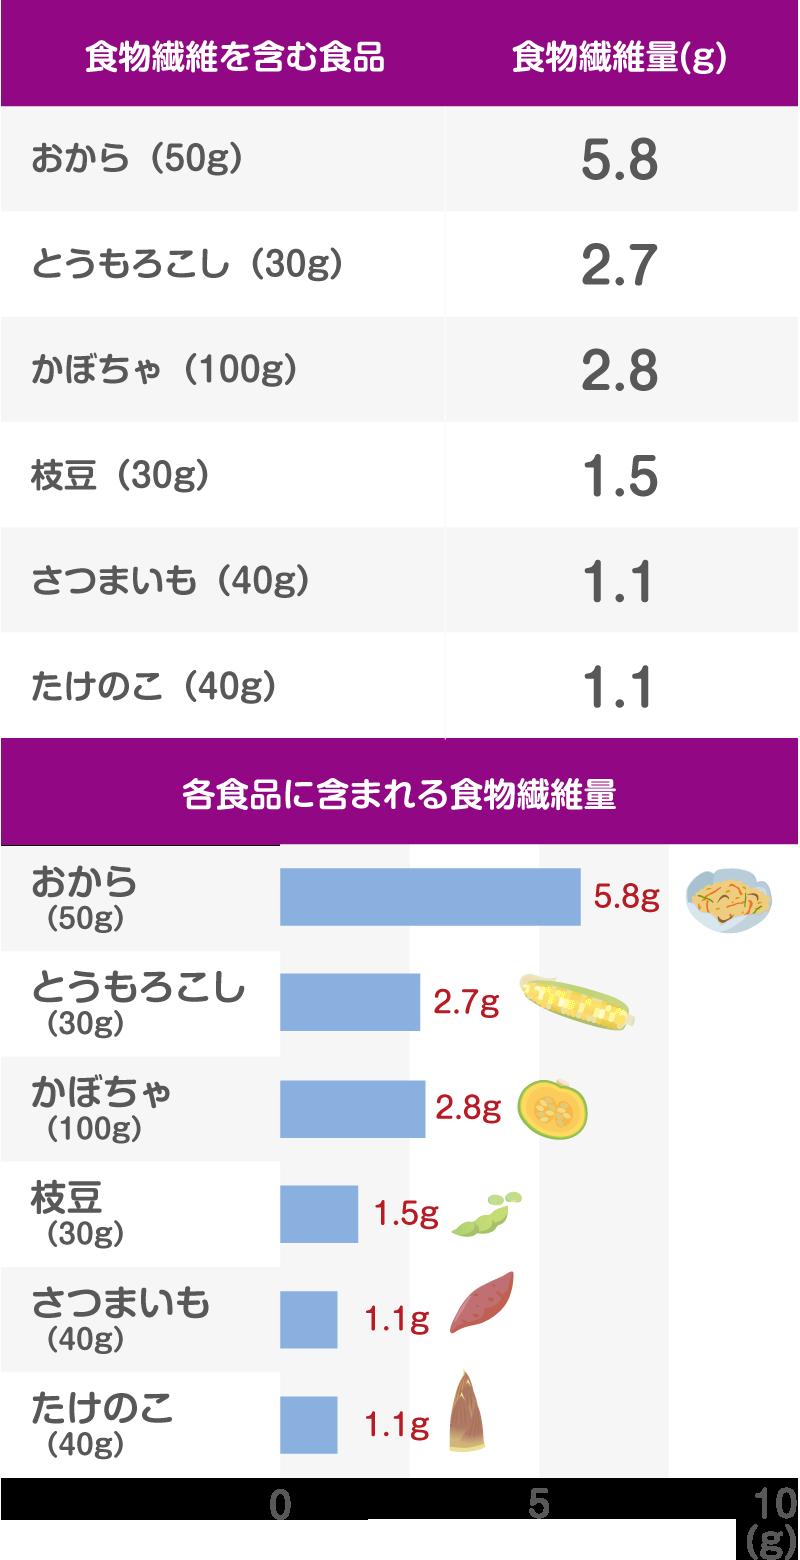 食物繊維のグラフ